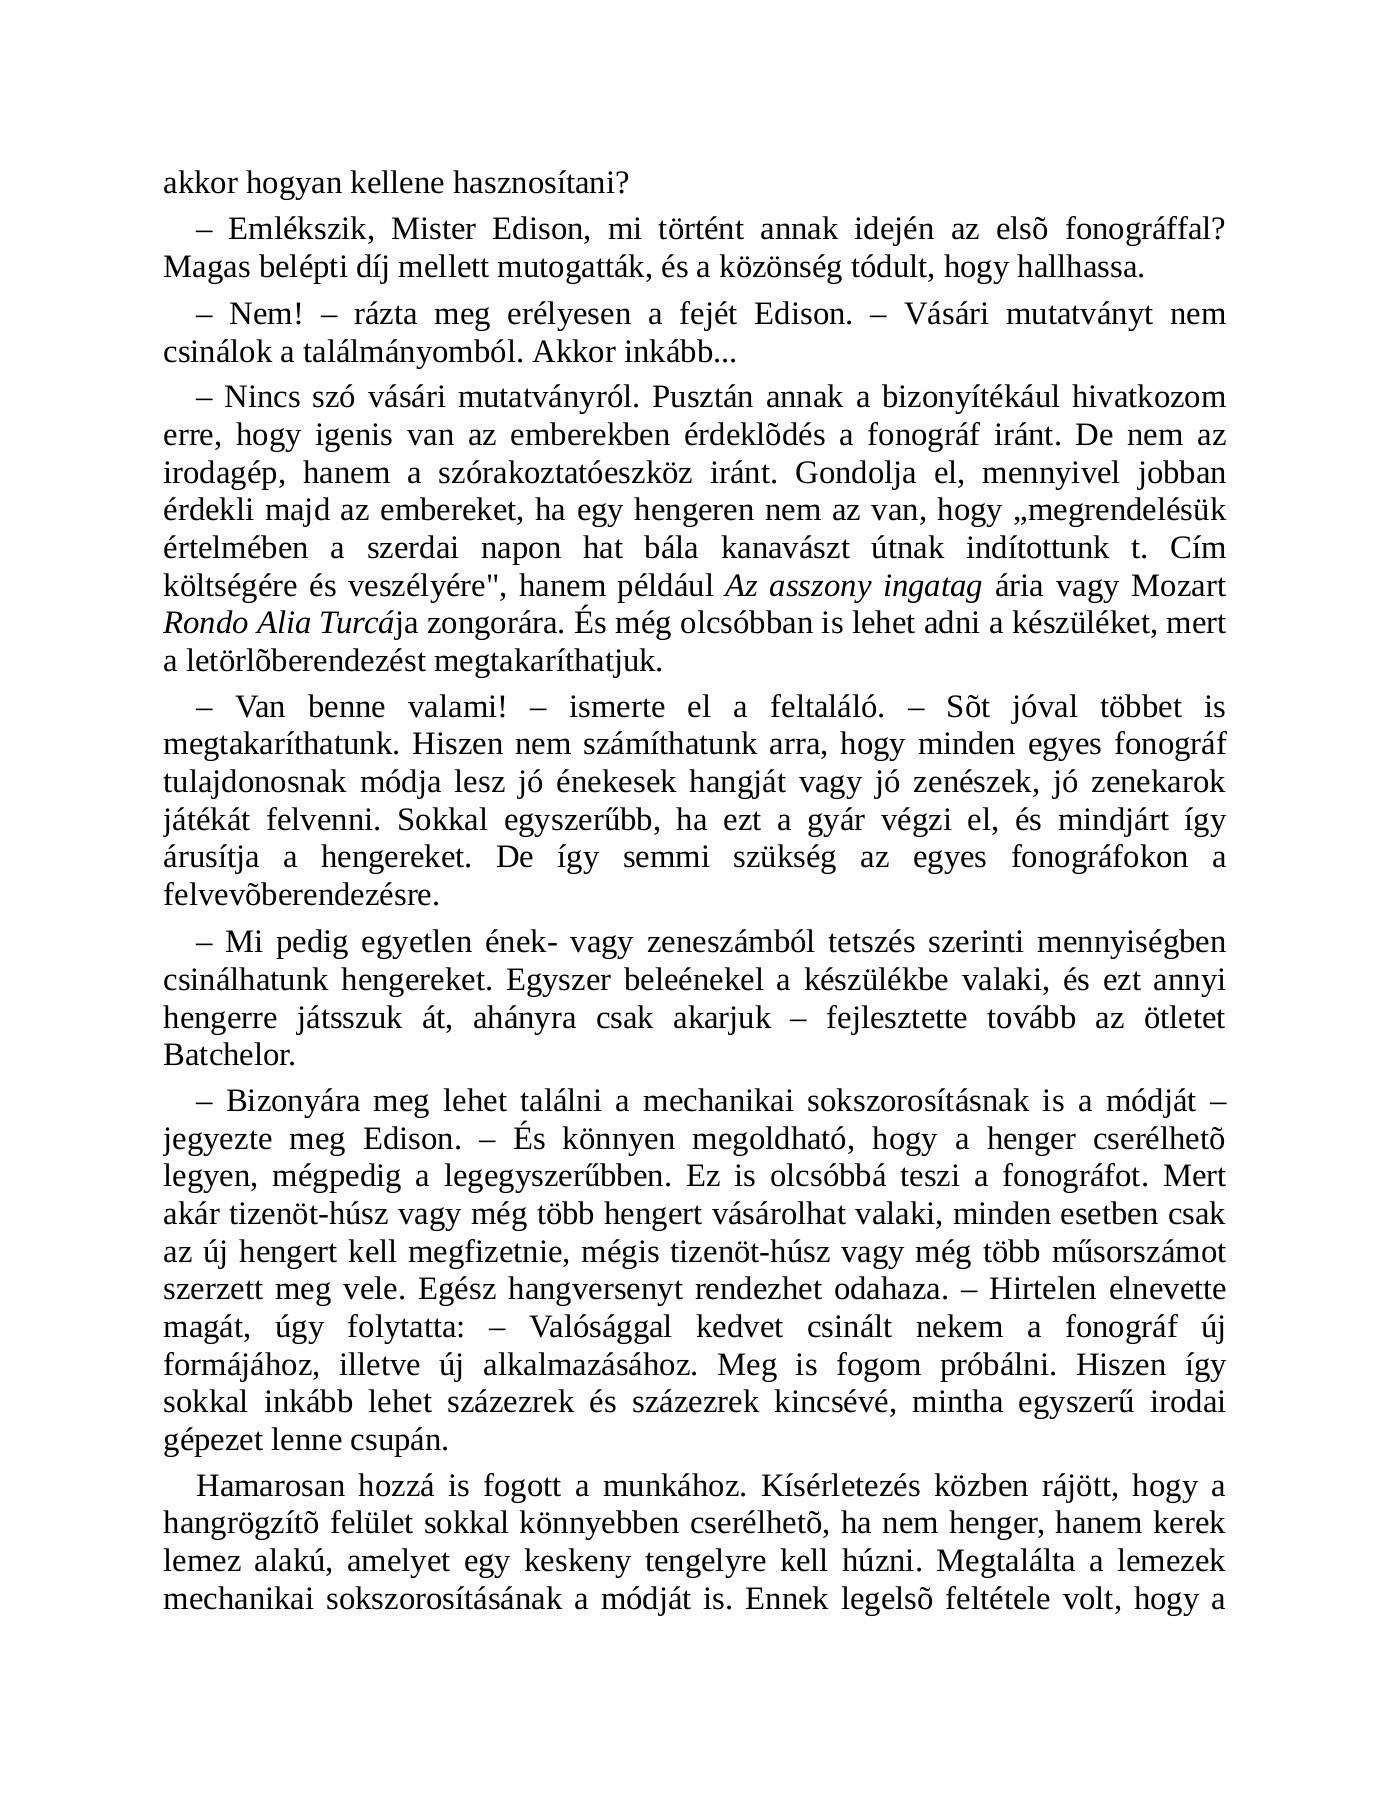 Magyar Narancs - Egotrip - Sajó László: öt és feles (Isszavágó)